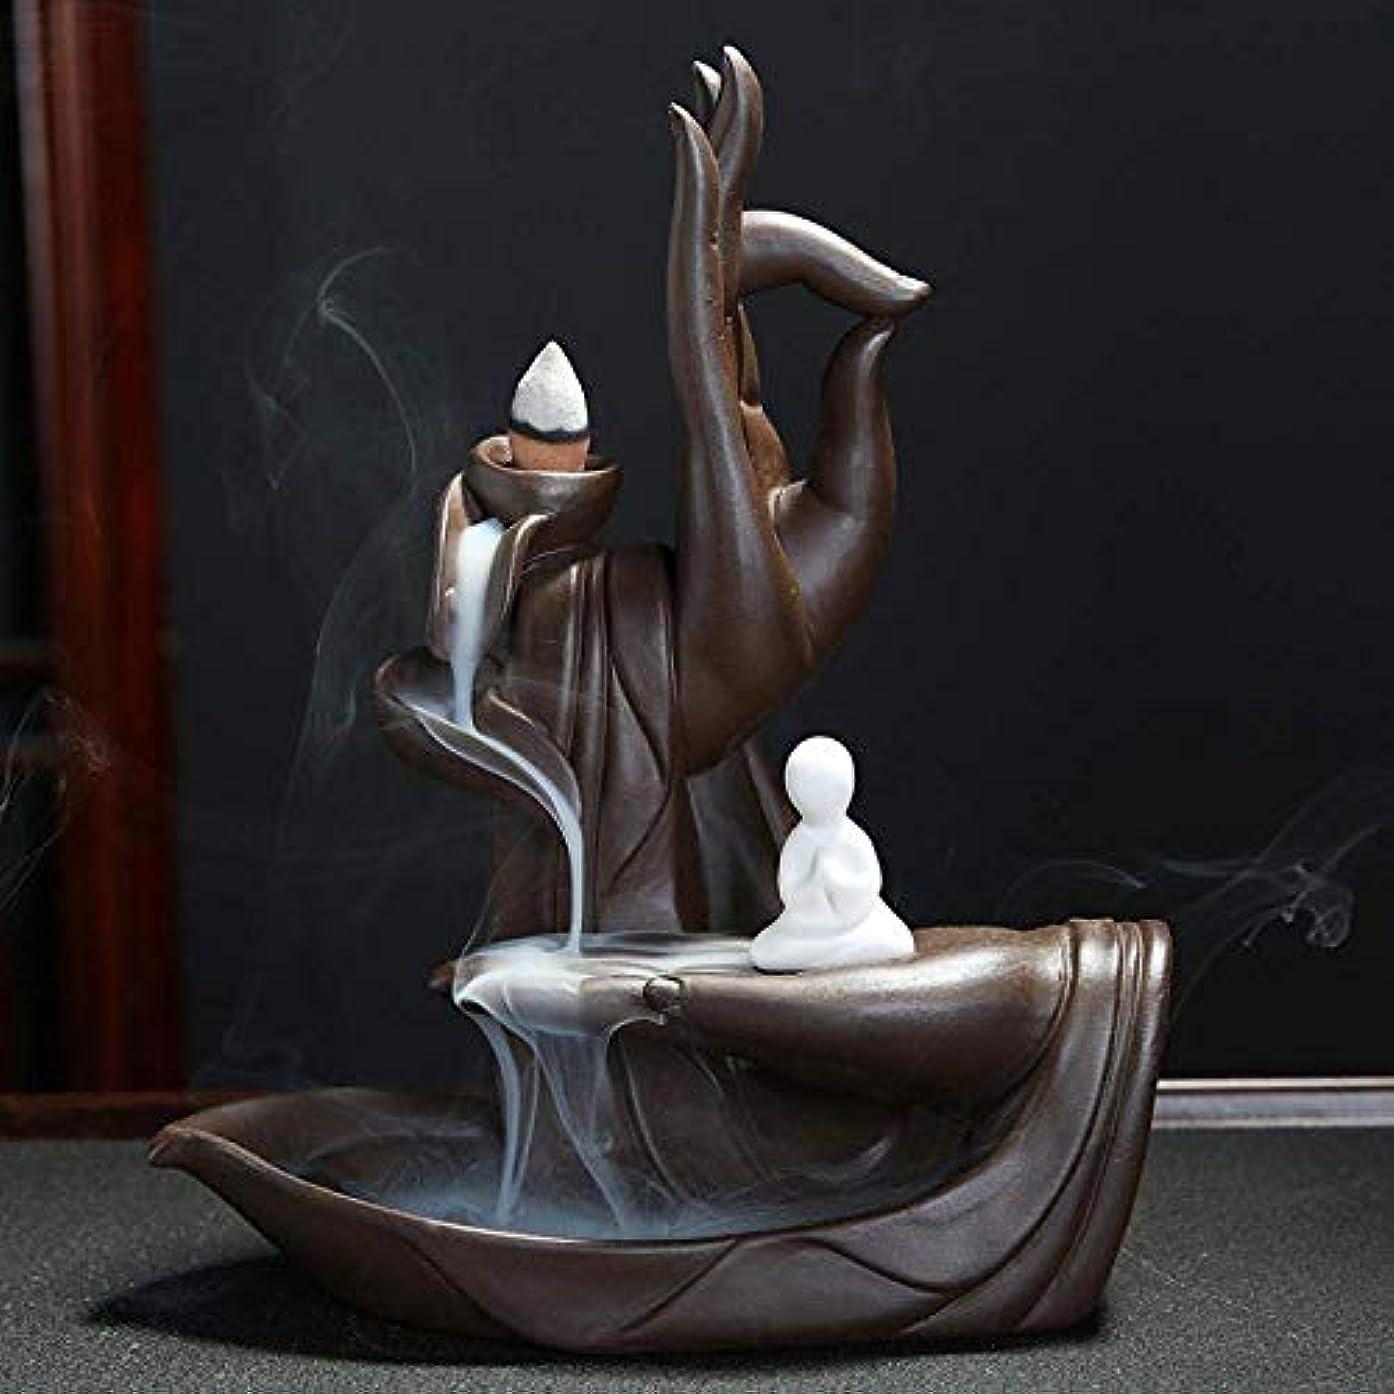 オフセット句渇き逆流香ホルダー、香バーナーセラミック香スティックホルダーホームデコレーション手芸ギフト,Zen Man